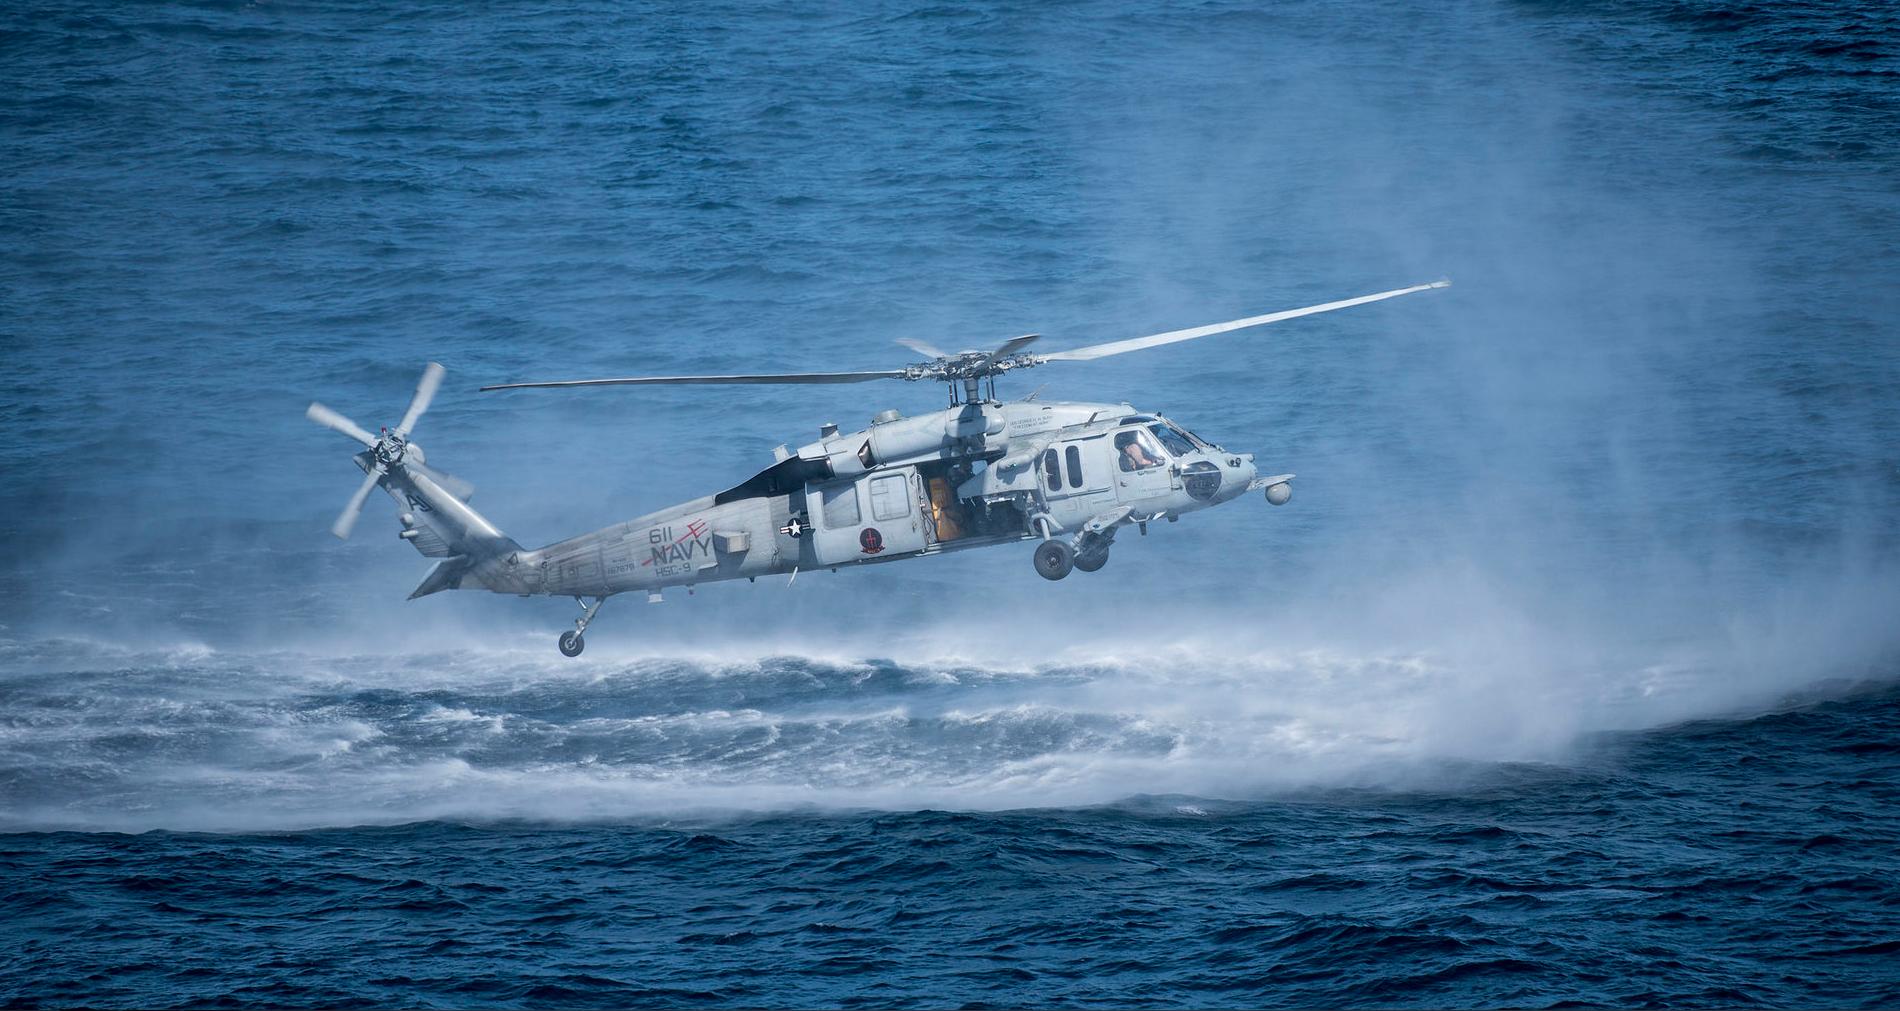 Обои MH-60R, армия, Sea Hawk helicopter. Авиация foto 5